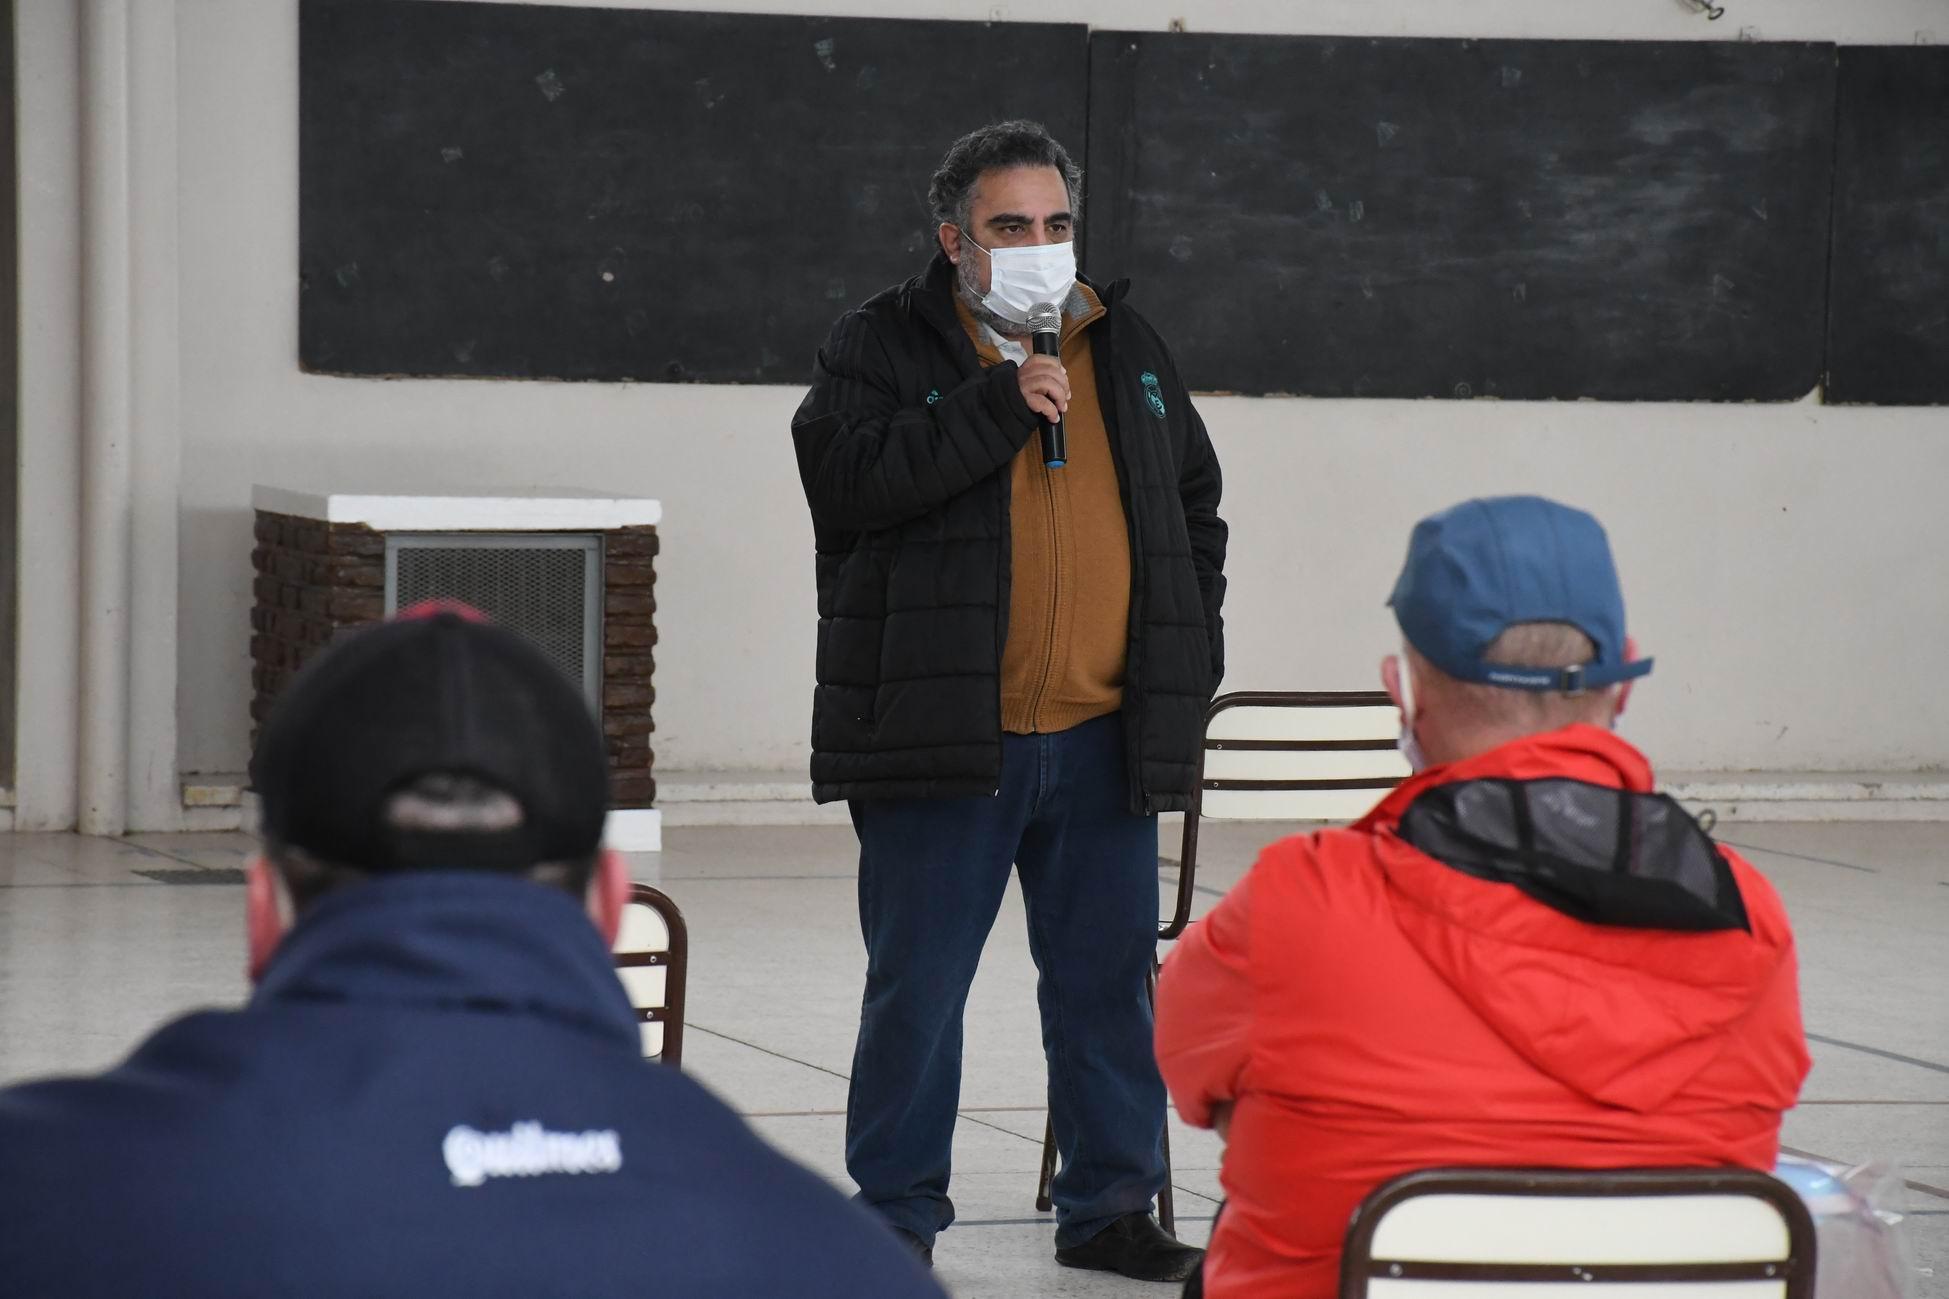 Salud alerta a los vecinos de General Pico que hayan estado en los últimos días en Intendente Alvear y tengan síntomas de Covid-19 para que llamen al sistema sanitario